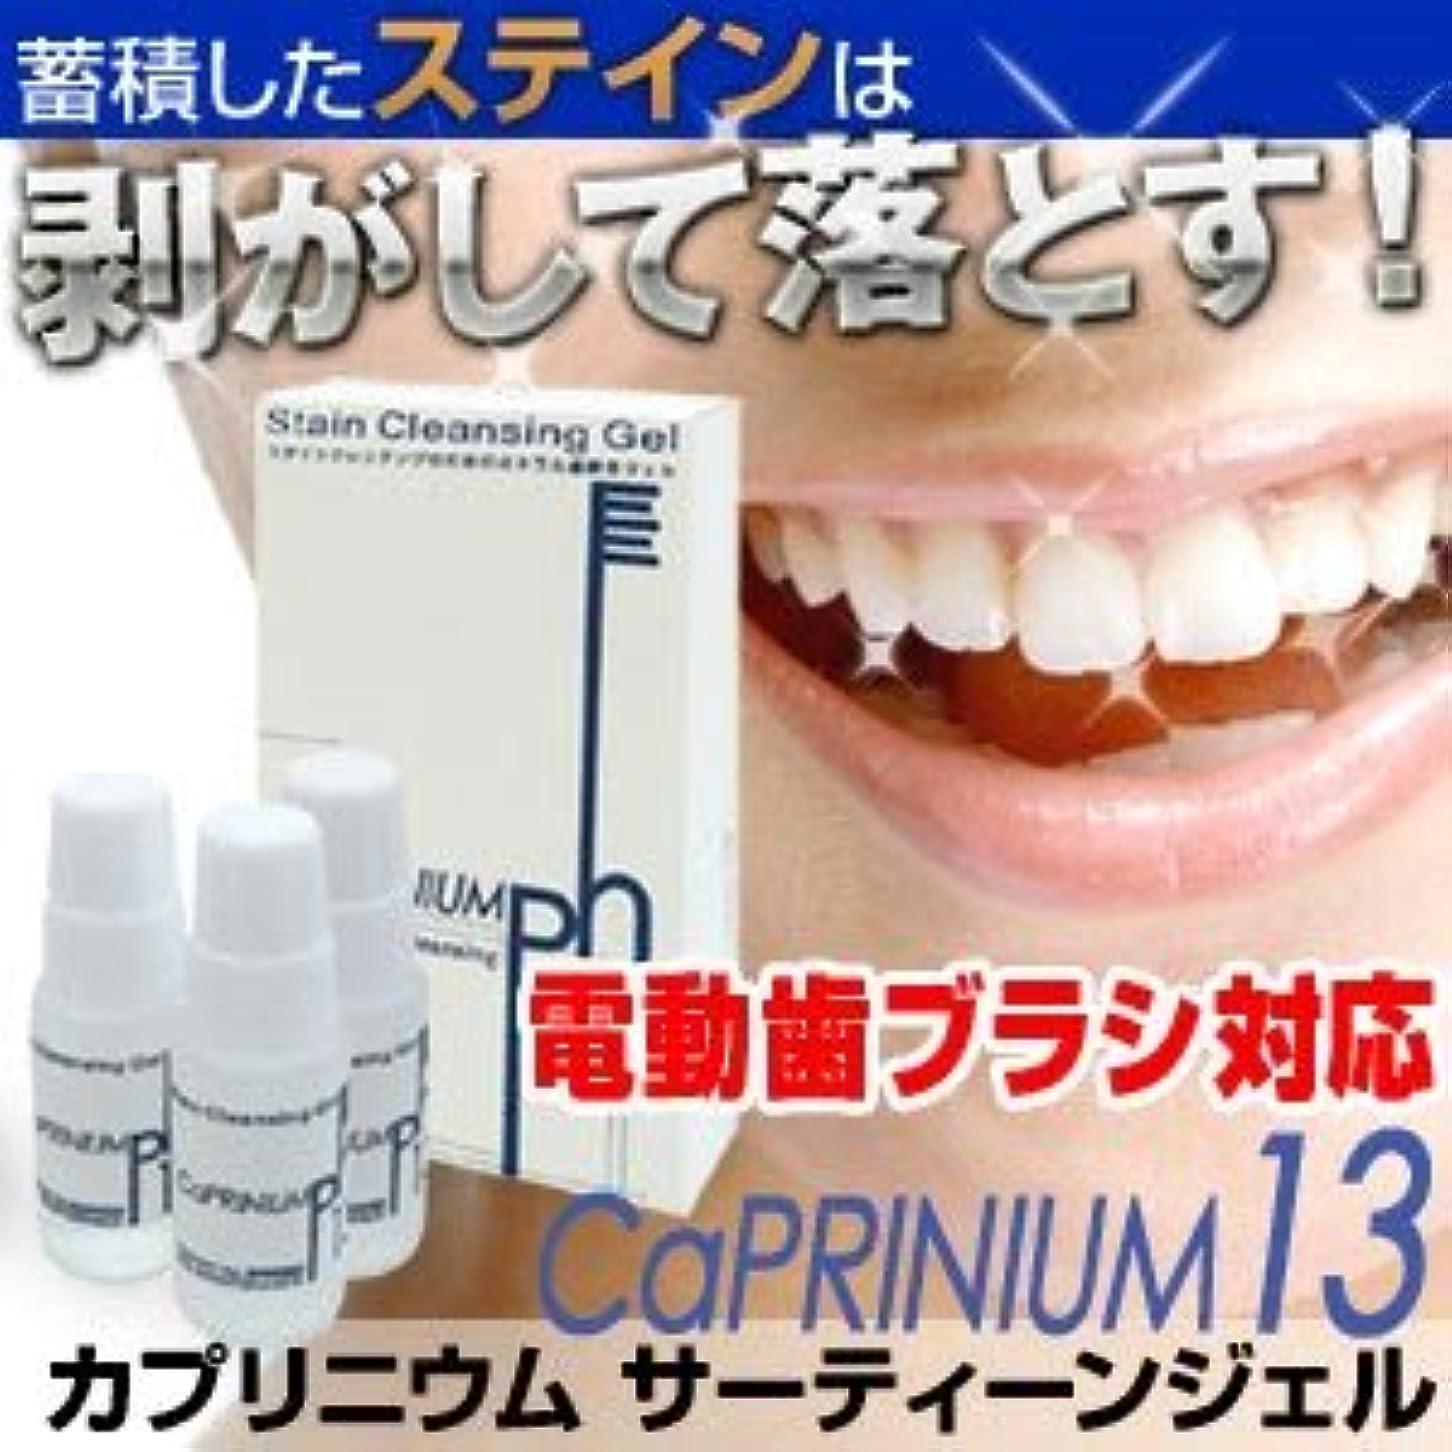 セマフォご注意昇るカプリニウム サーティーンジェル(CaPRINIUM 13) 新発想のホワイトニング歯磨きジェル